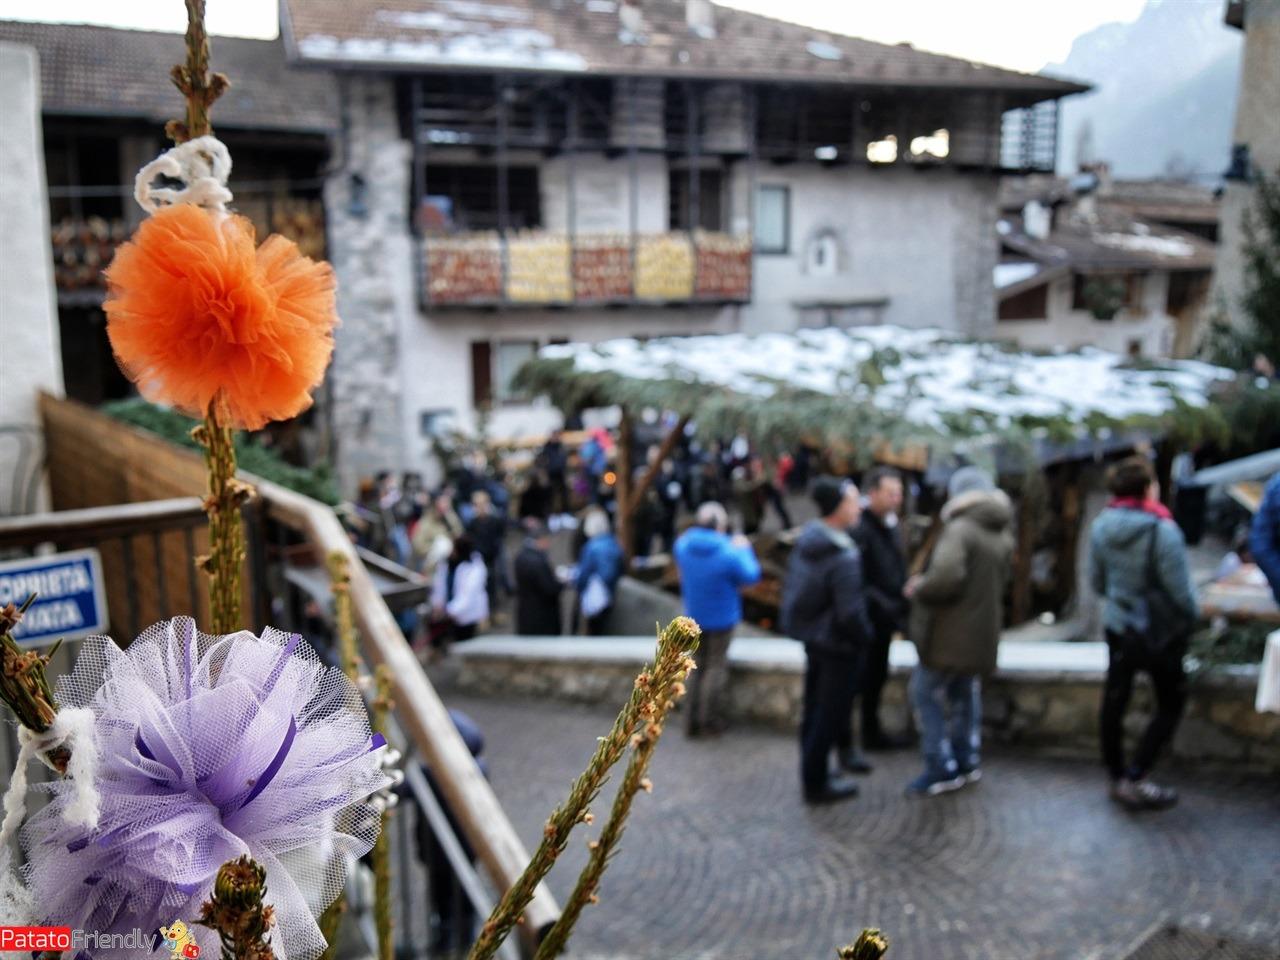 [cml_media_alt id='15831']Mercatino natalizio di Rango di Bleggio Superiore in Trentino[/cml_media_alt]